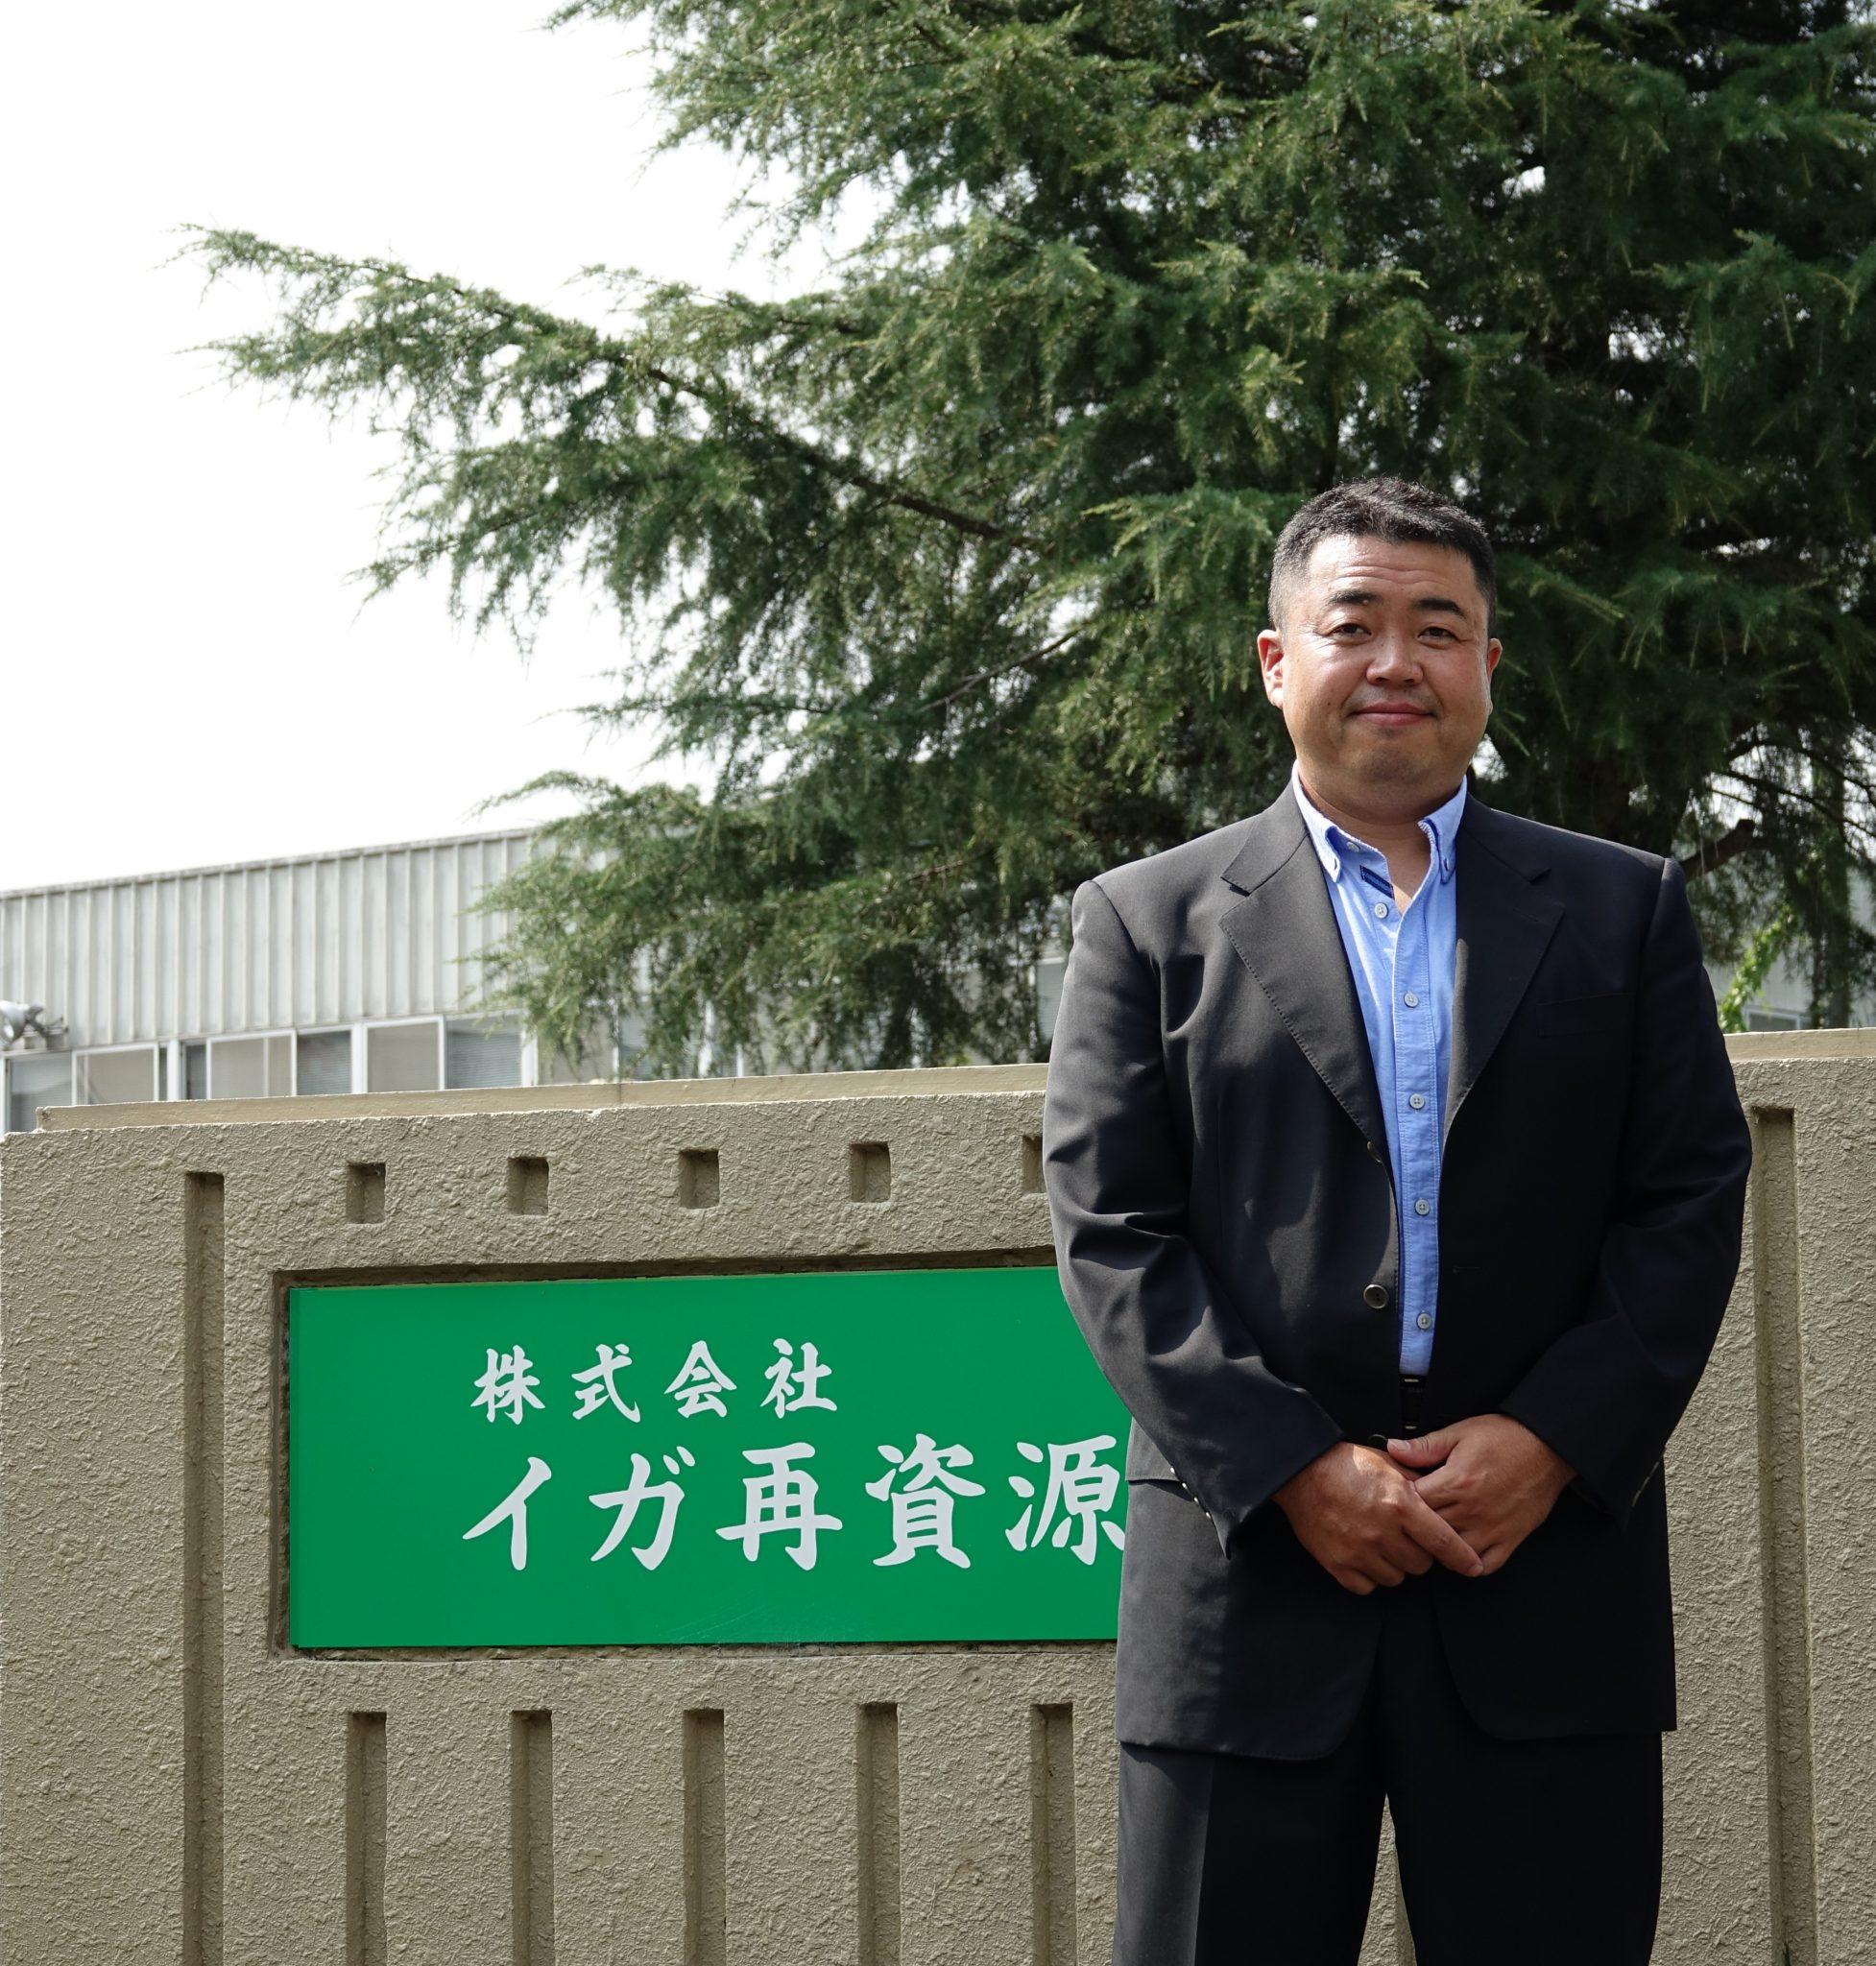 株式会社イガ再資源 代表取締役 高野丈大